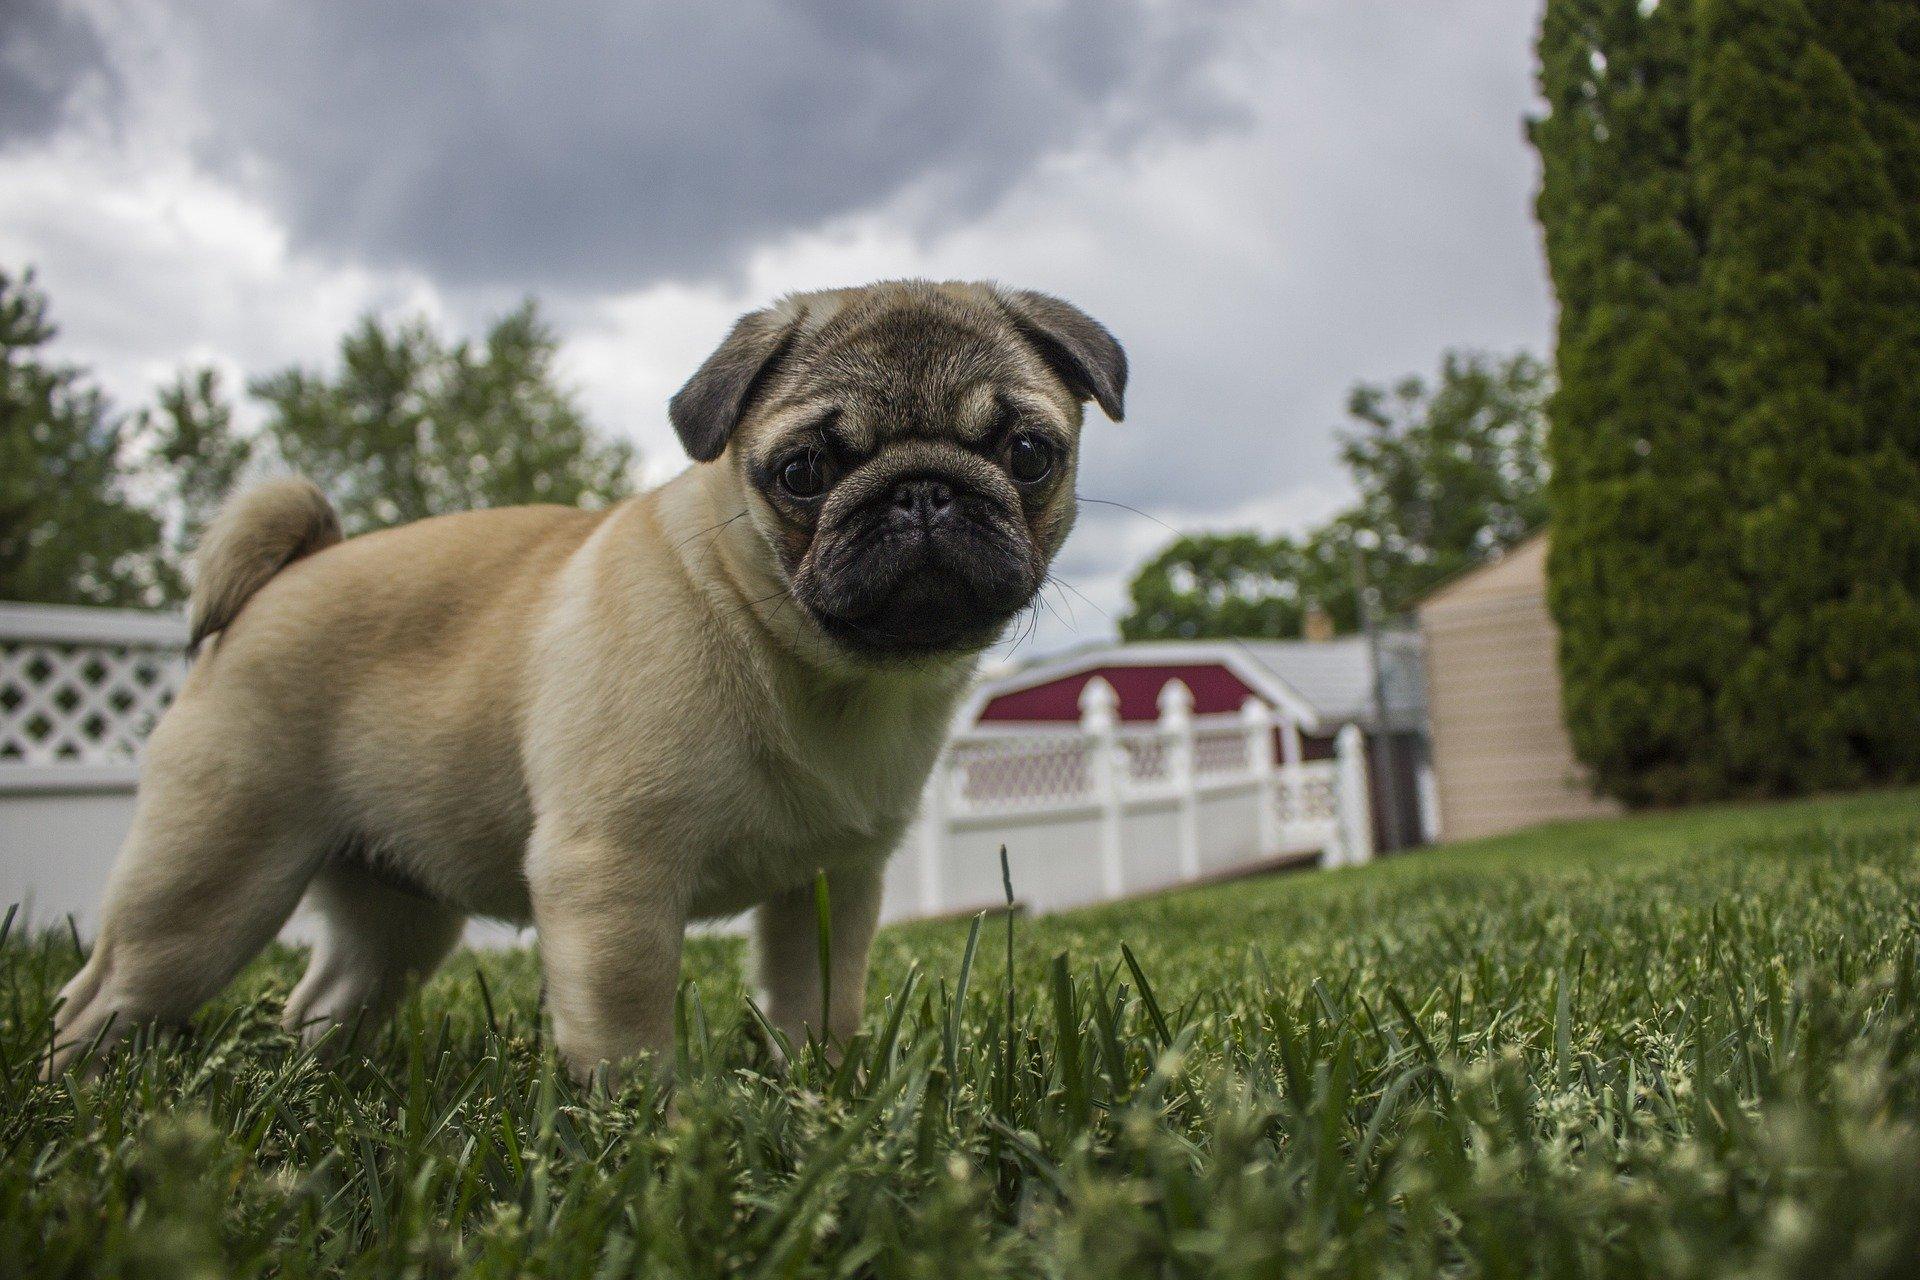 Cura del cane carlino: la toelettatura e l'alimentazione